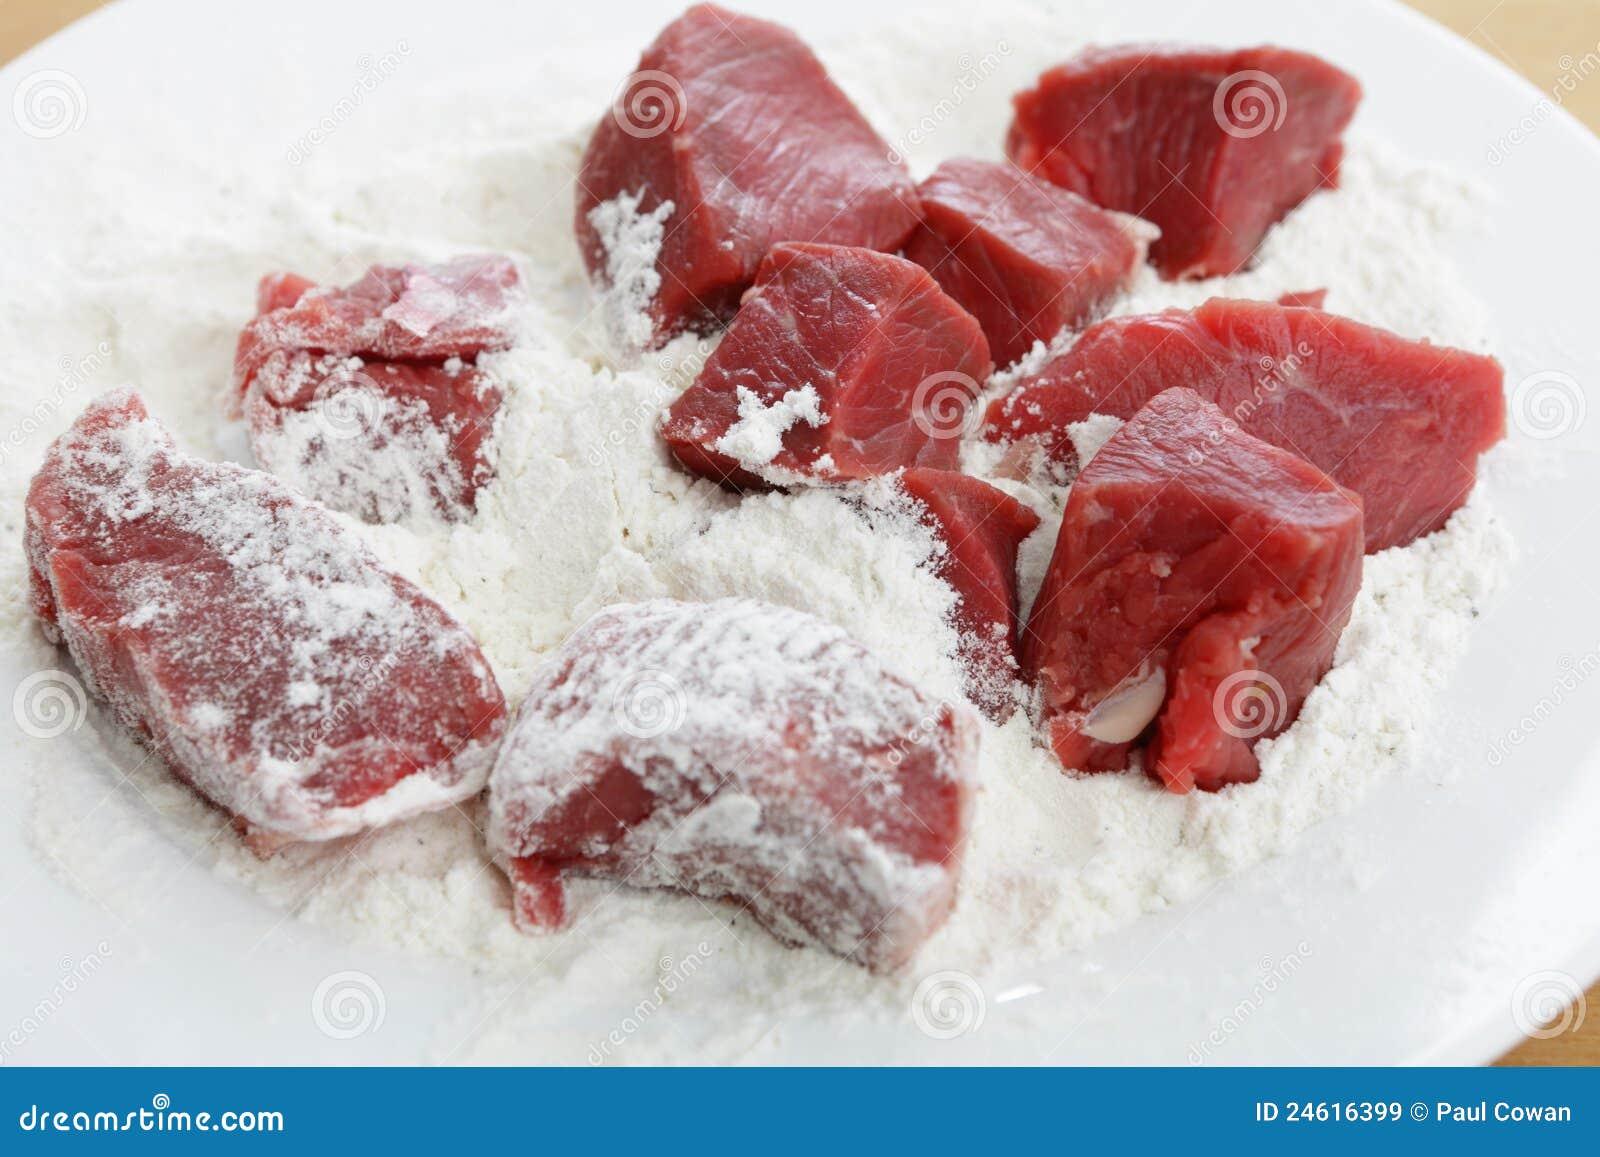 кубики ся мясо